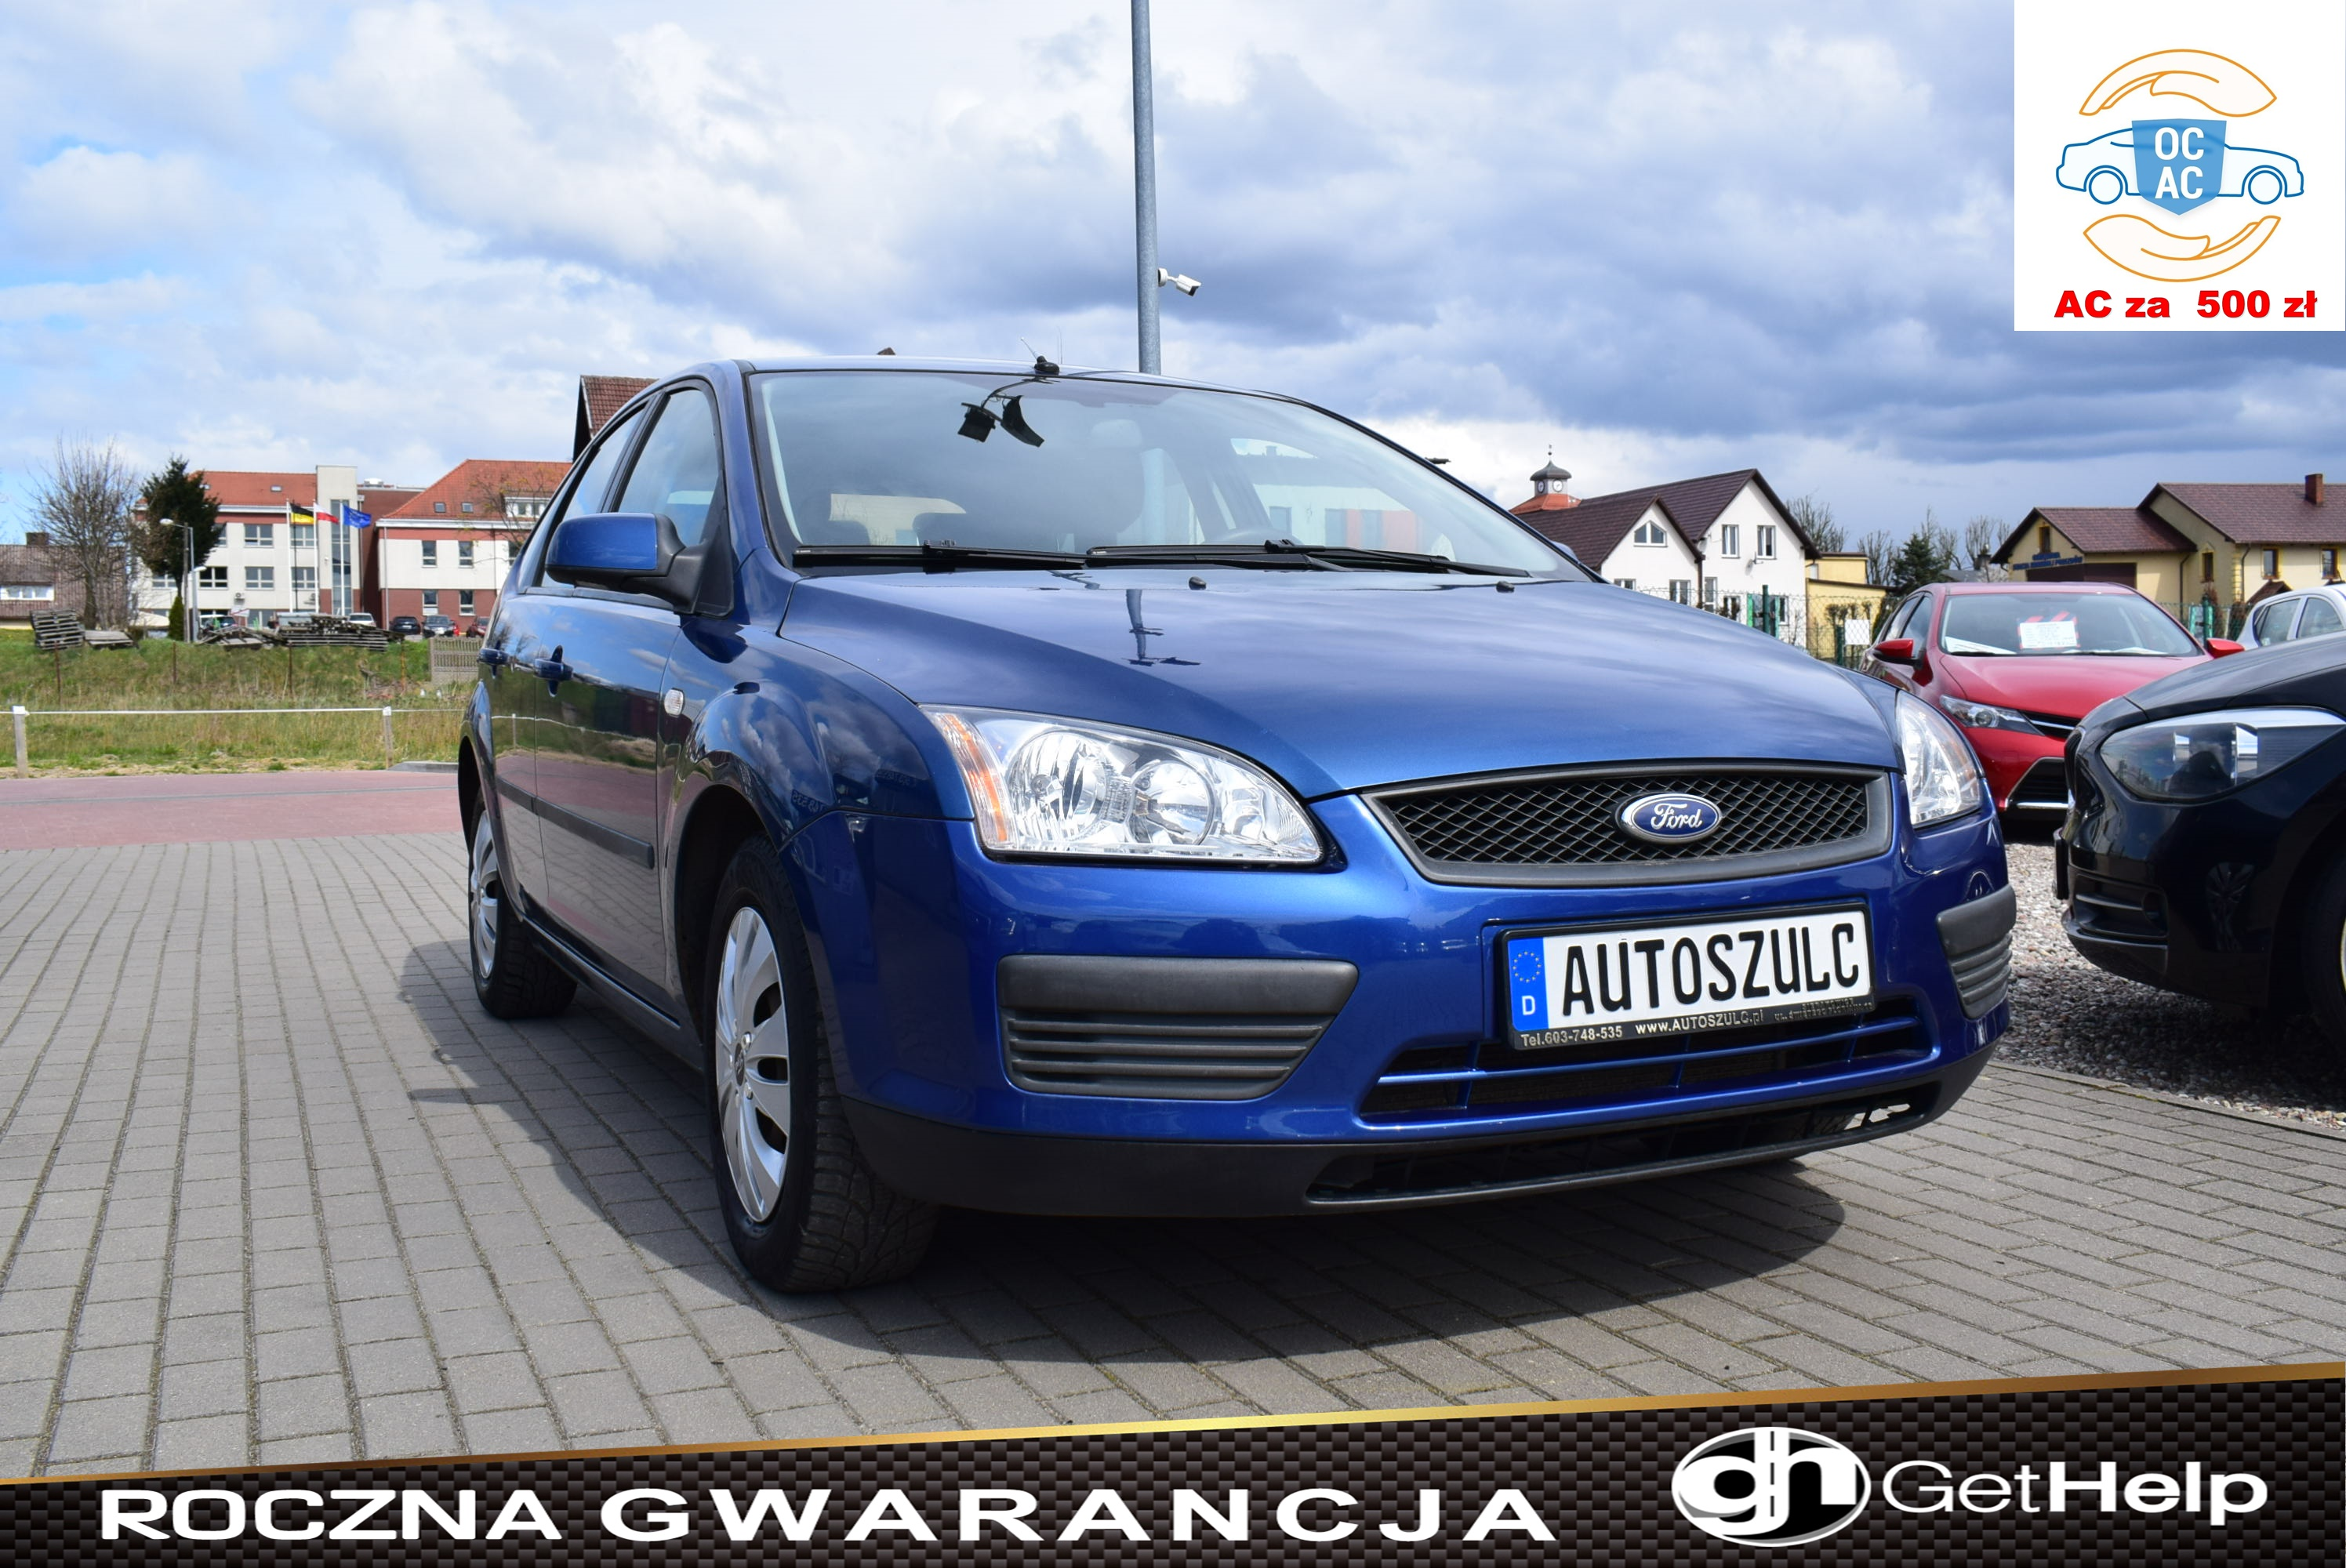 Ford Focus 1.8 Benzyna, 5-drzwi, Nawigacja, Klima, Serwisowany, Rok Gwarancji